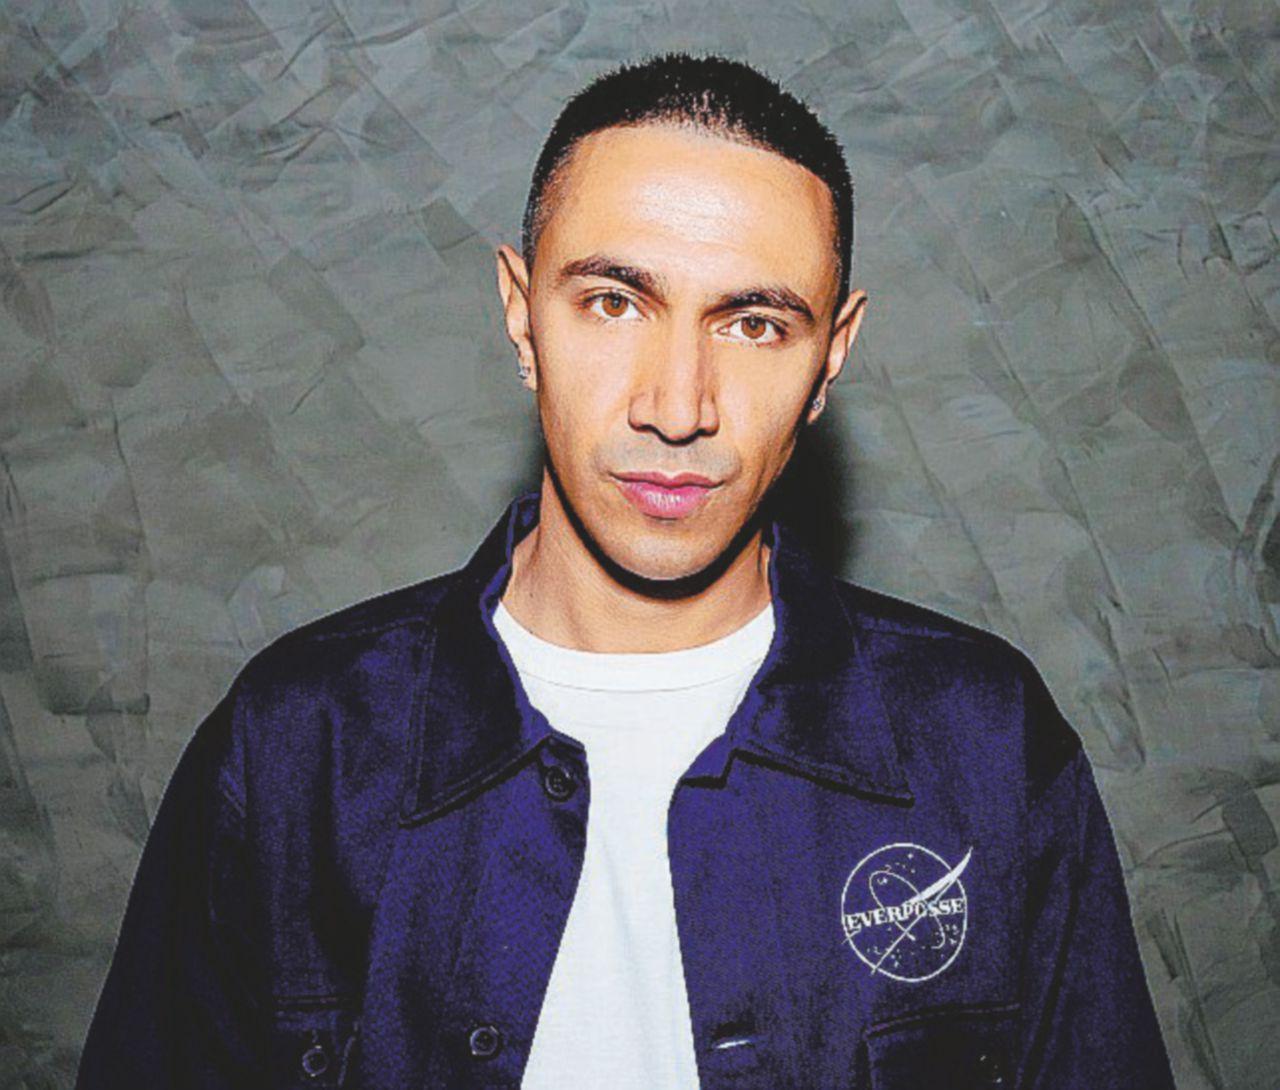 """Amir, l'italiano: """"Siamo un Paese ignorante"""". Intervista al rapper dello Ius Soli"""